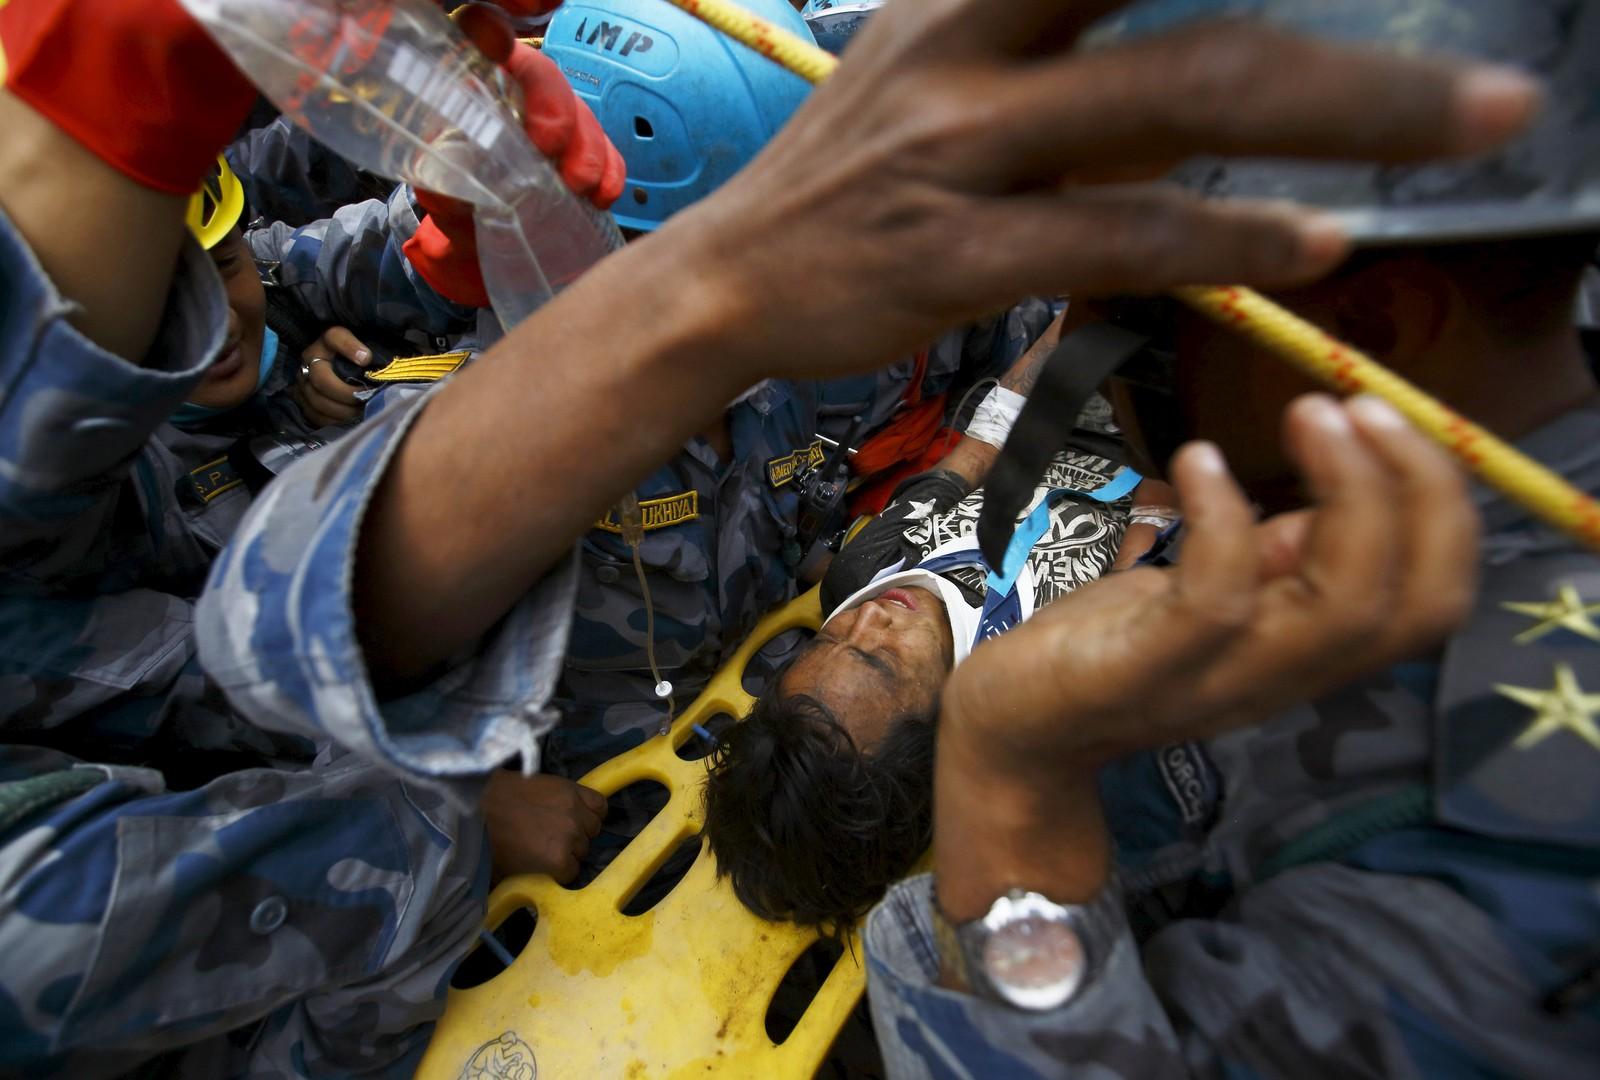 Pemba Tamang (15) overlevde fem dager sammenklemt mellom to etasjer i en blokk i Katmandu, Nepal. REUTERS/Navesh Chitrakar